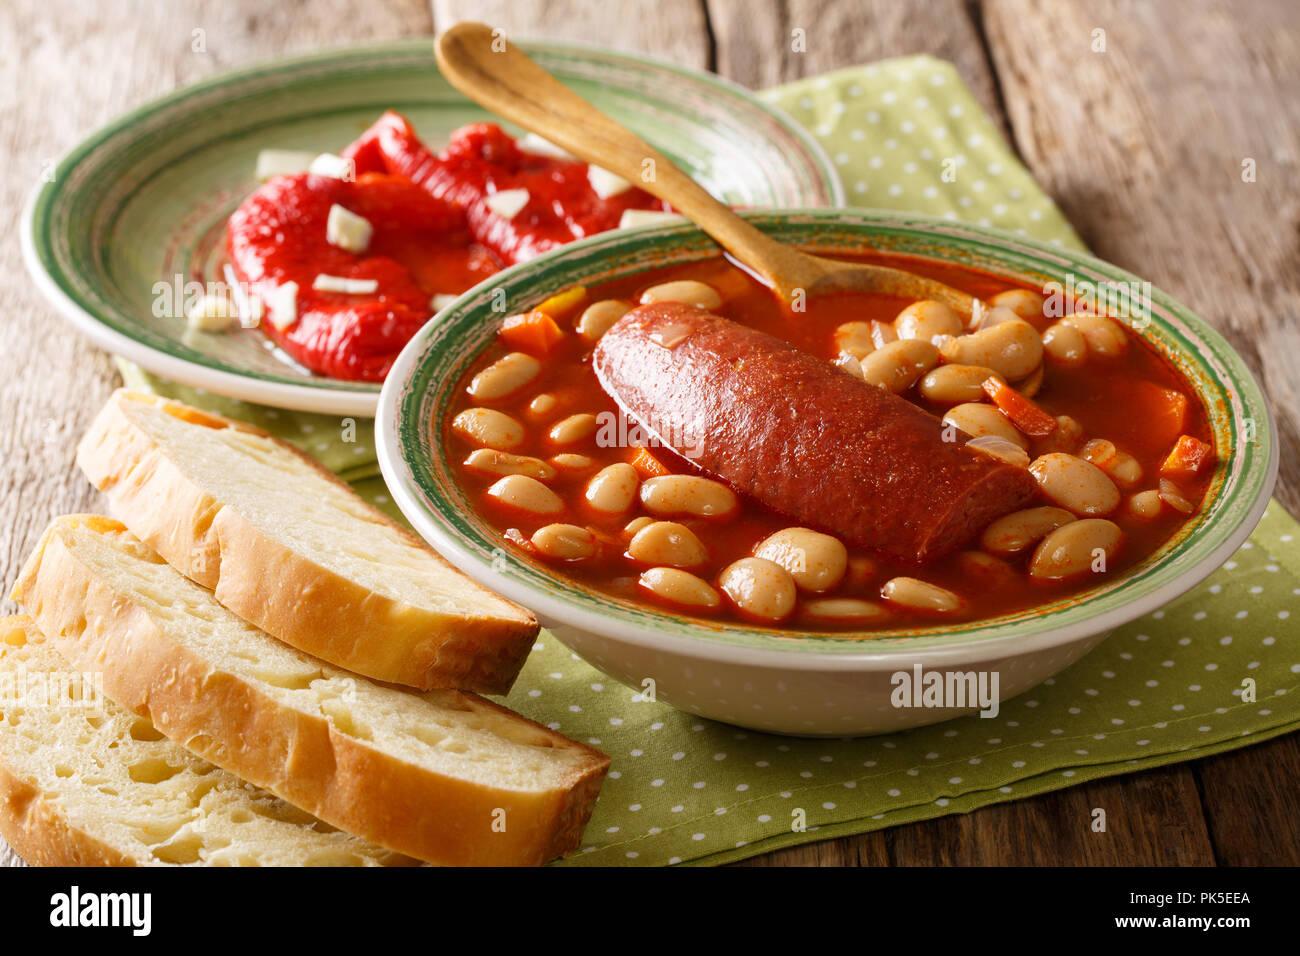 Landhausstil, Pasulj (grah) Bohnensuppe mit Wurst mit Brot und marinierte Paprika closeup auf einem Teller auf den Tisch serviert. Horizontale Stockbild